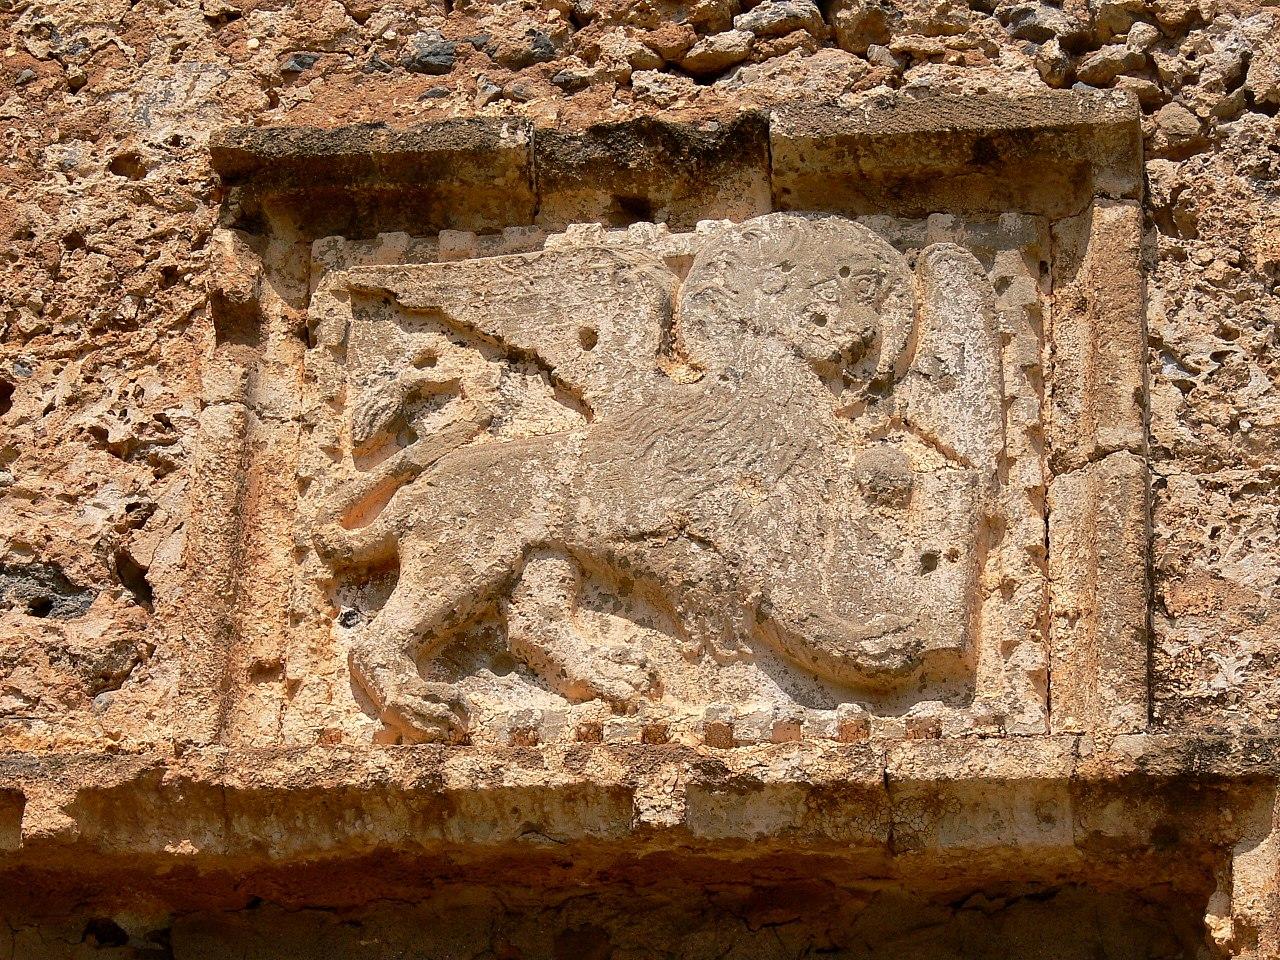 Το λιοντάρι του Αγίου Μάρκου πάνω από τη νότια πύλη του Φραγκοκάστελλου